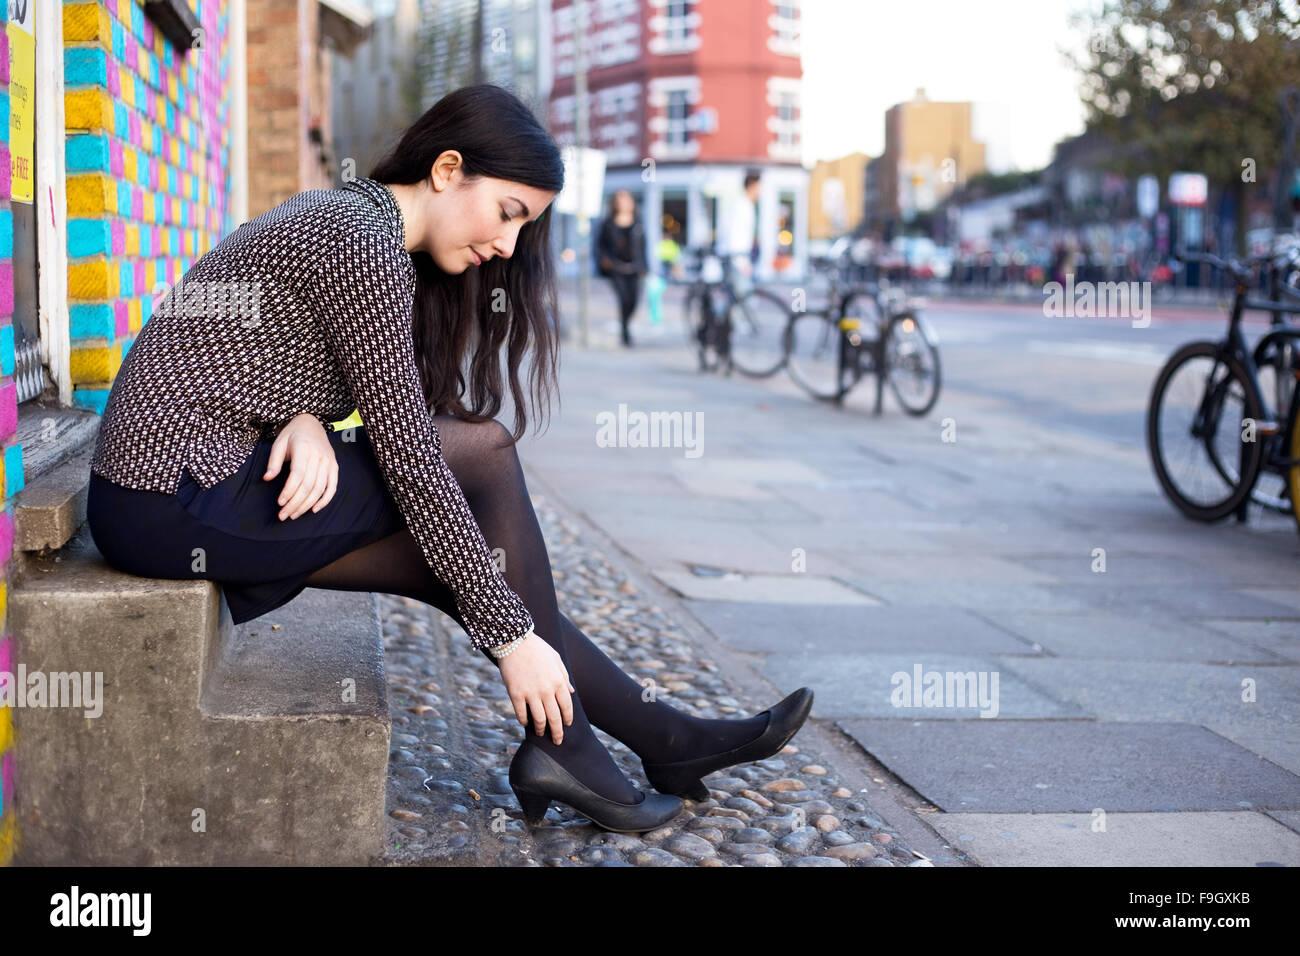 junge Frau in der Straße Gefühl Schmerz im Knöchel Stockbild